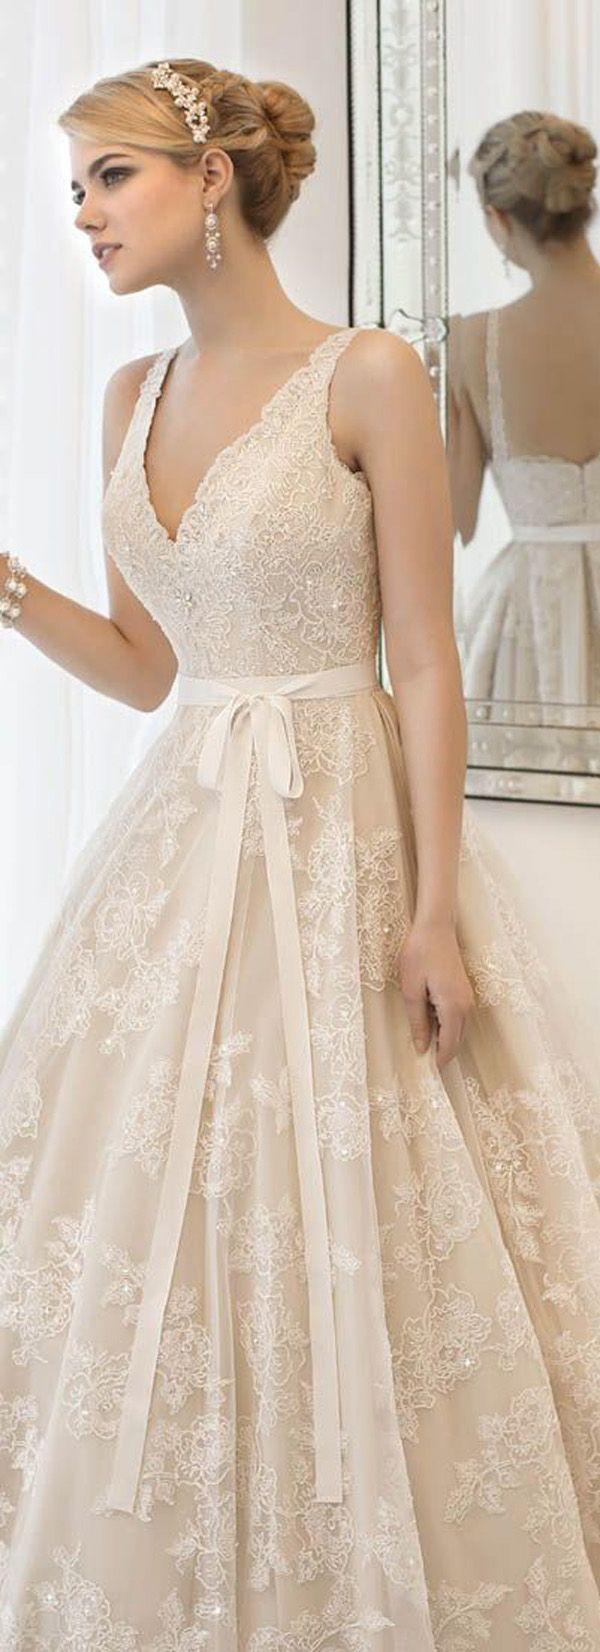 Alexandra esküvőszervezés 10eb34b1cb